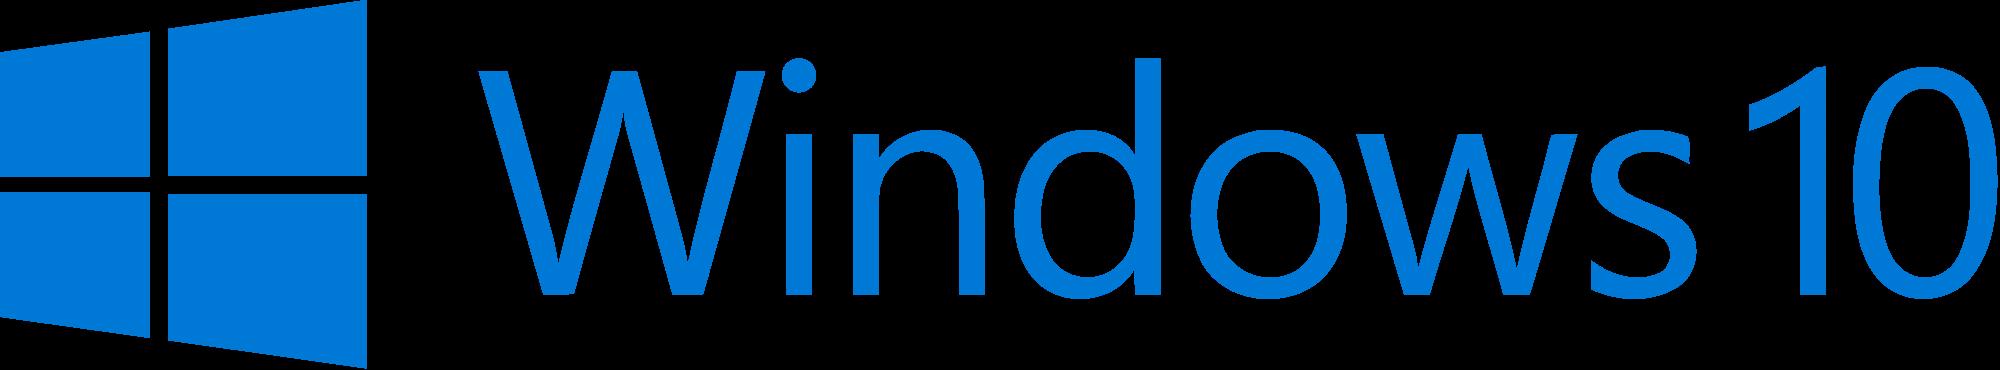 Windows 10 Logo PNG